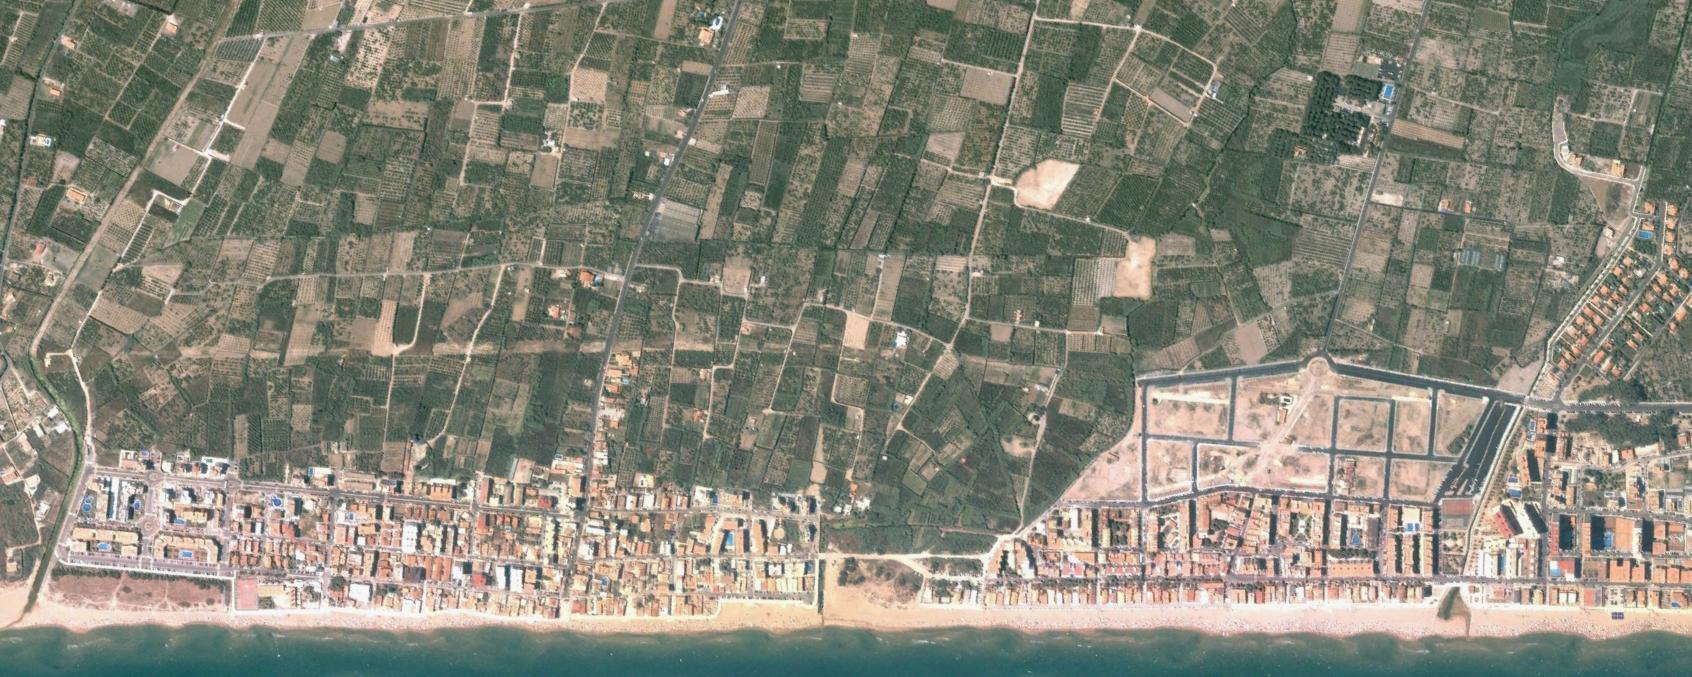 piles playa, valencia, piles the beaver, antes, urbanismo, planeamiento, urbano, desastre, urbanístico, construcción